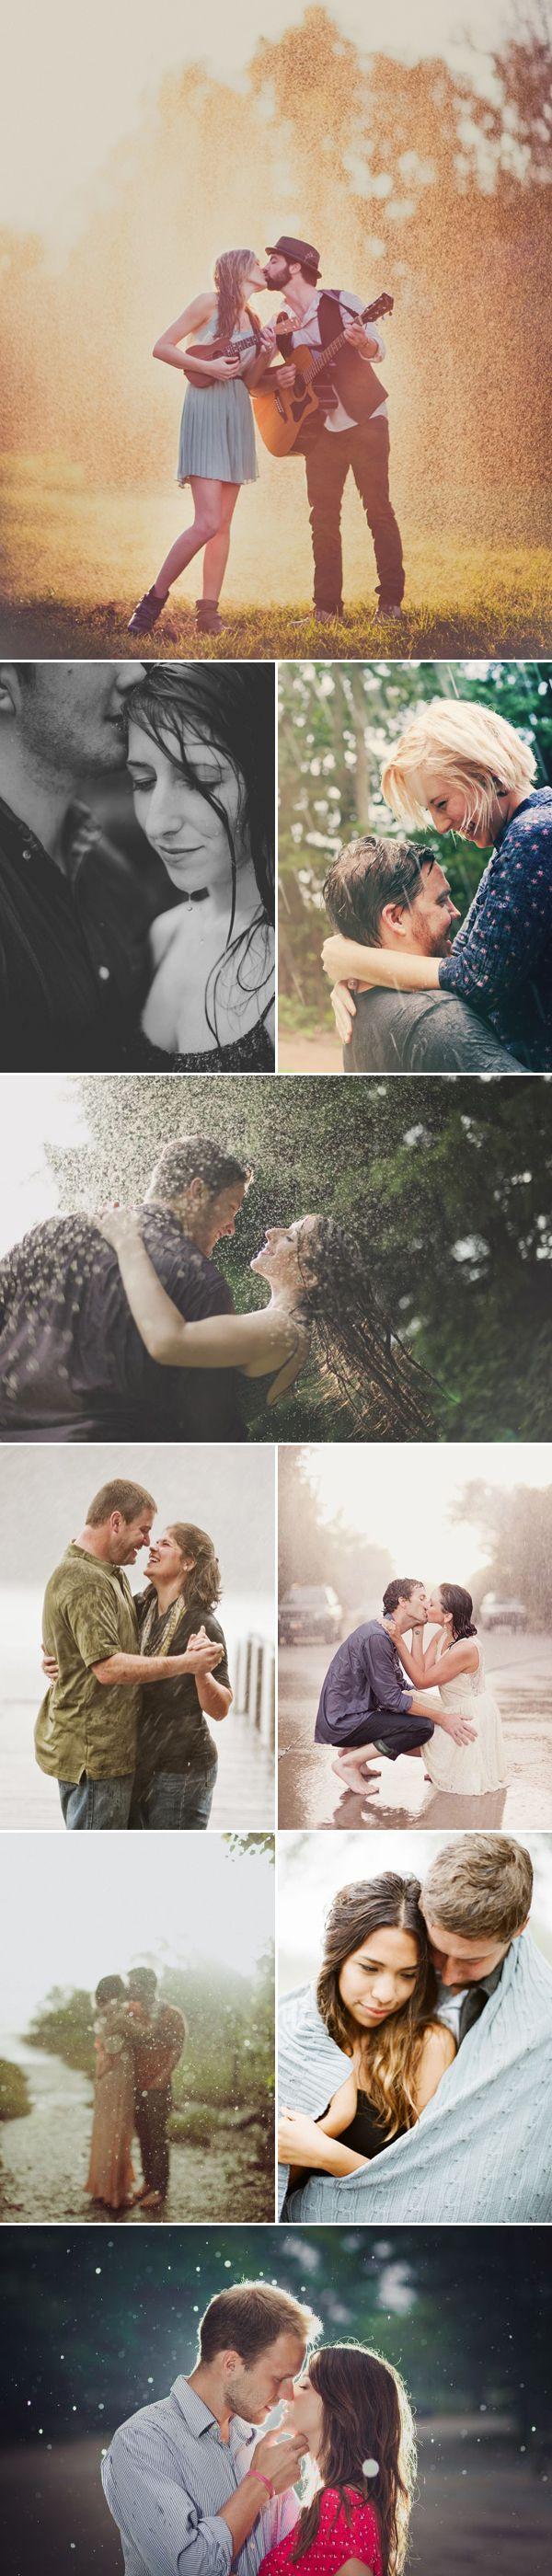 >> In the rain :)